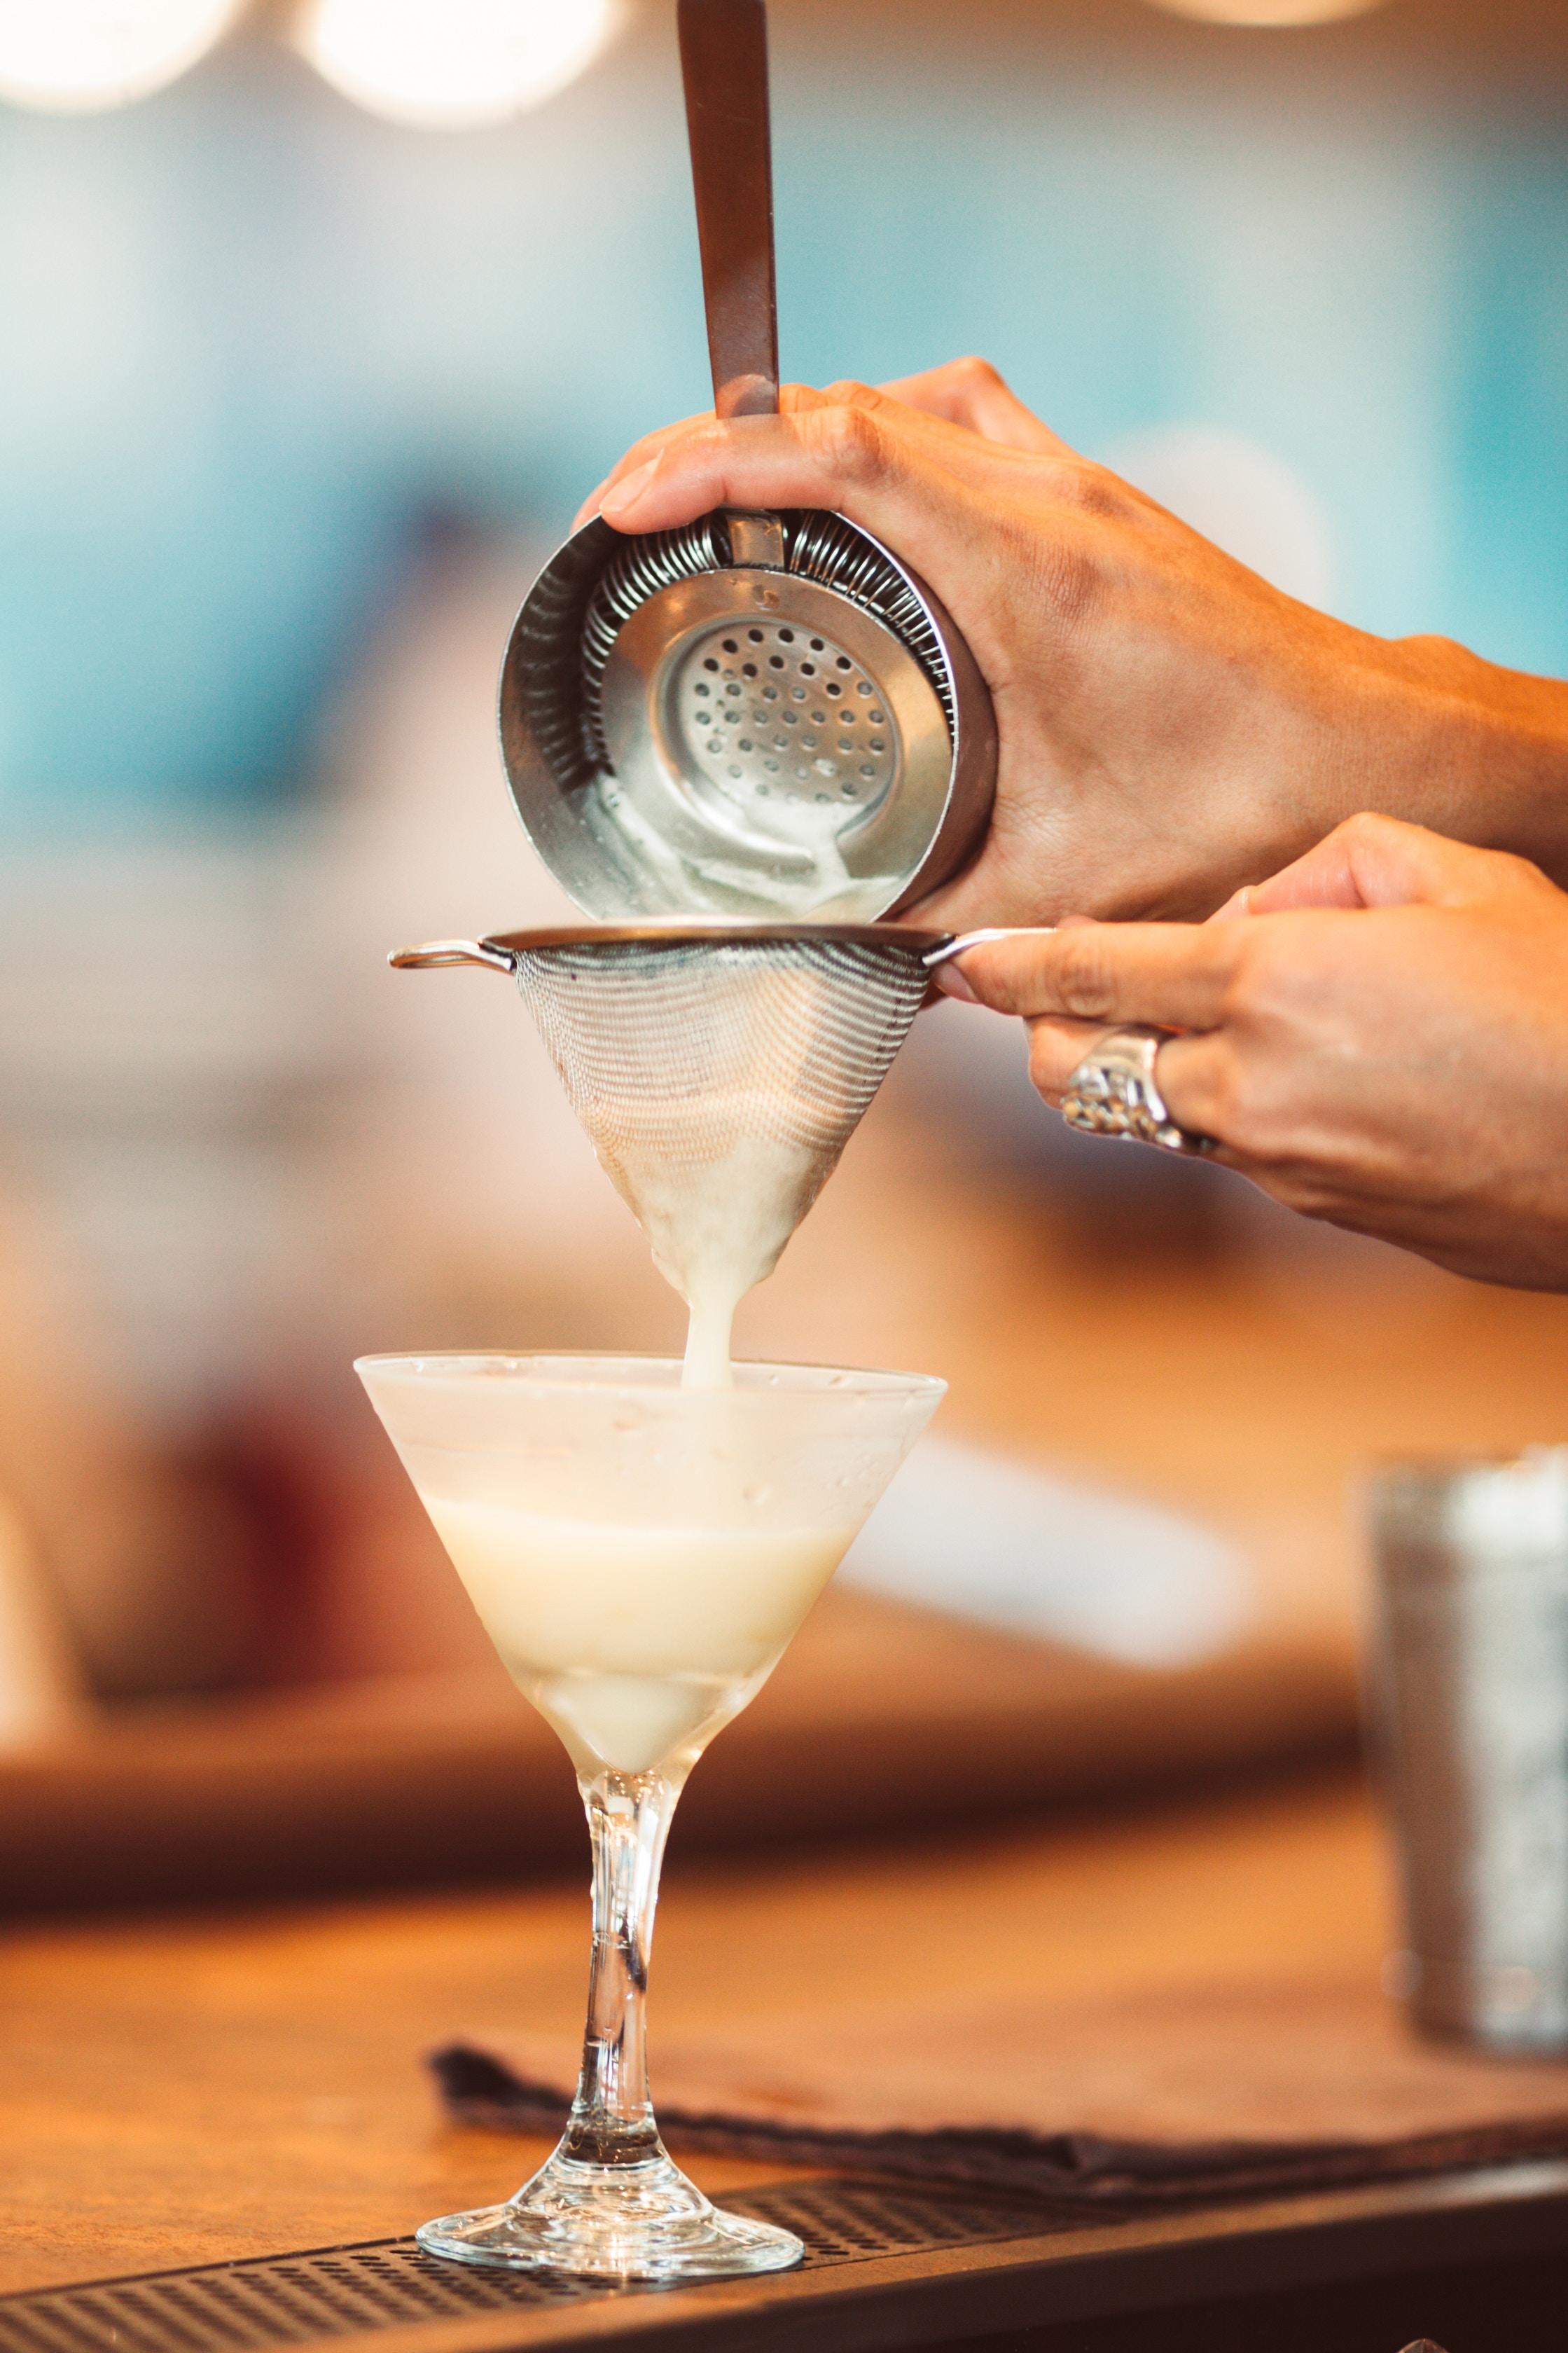 CQP Barman Monde de la nuit en région Auvergne Rhône-Alpes Barman Académie